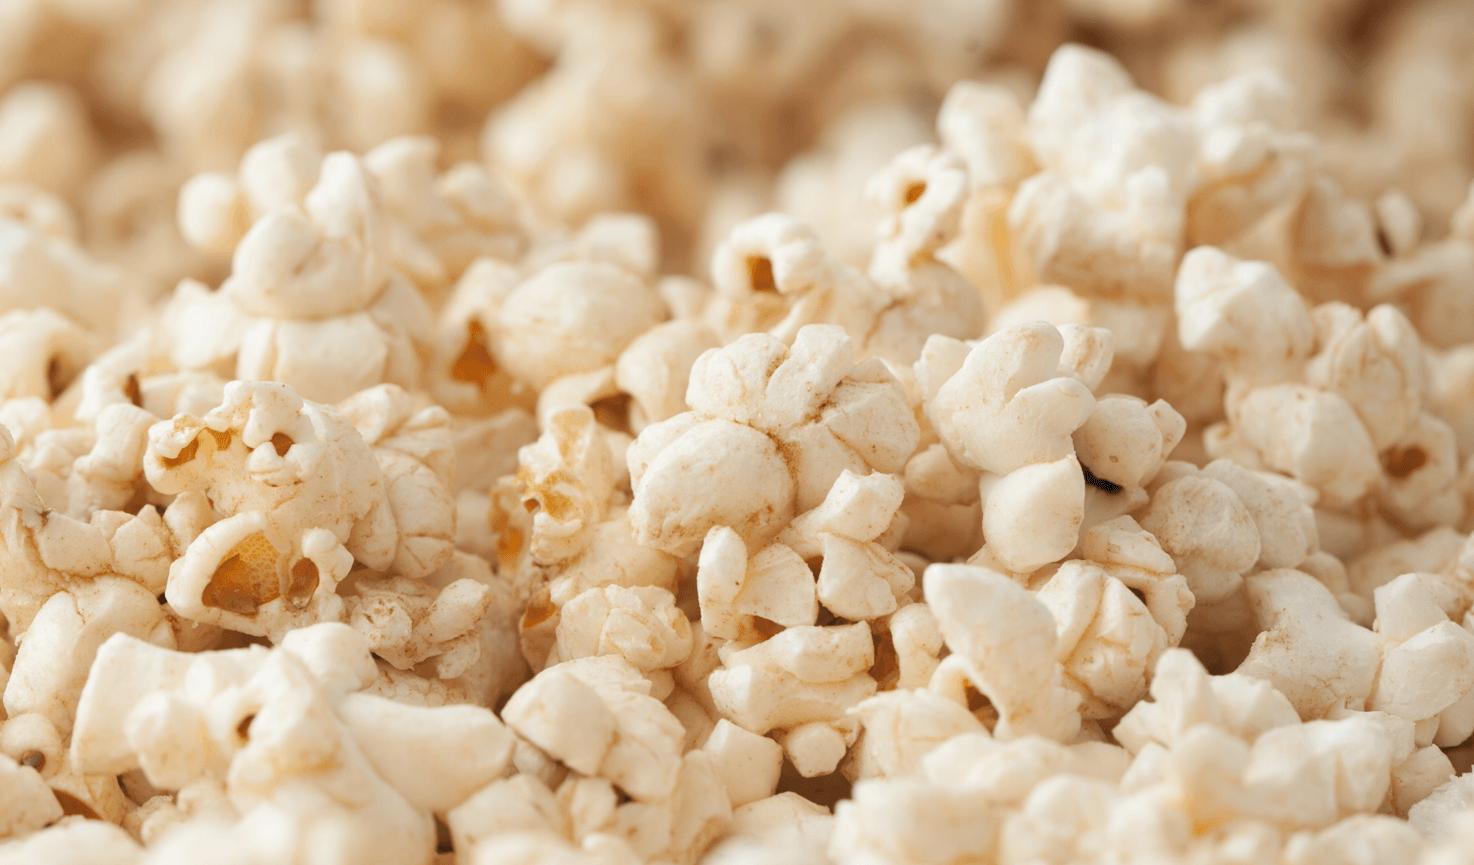 A closeup of popcorn